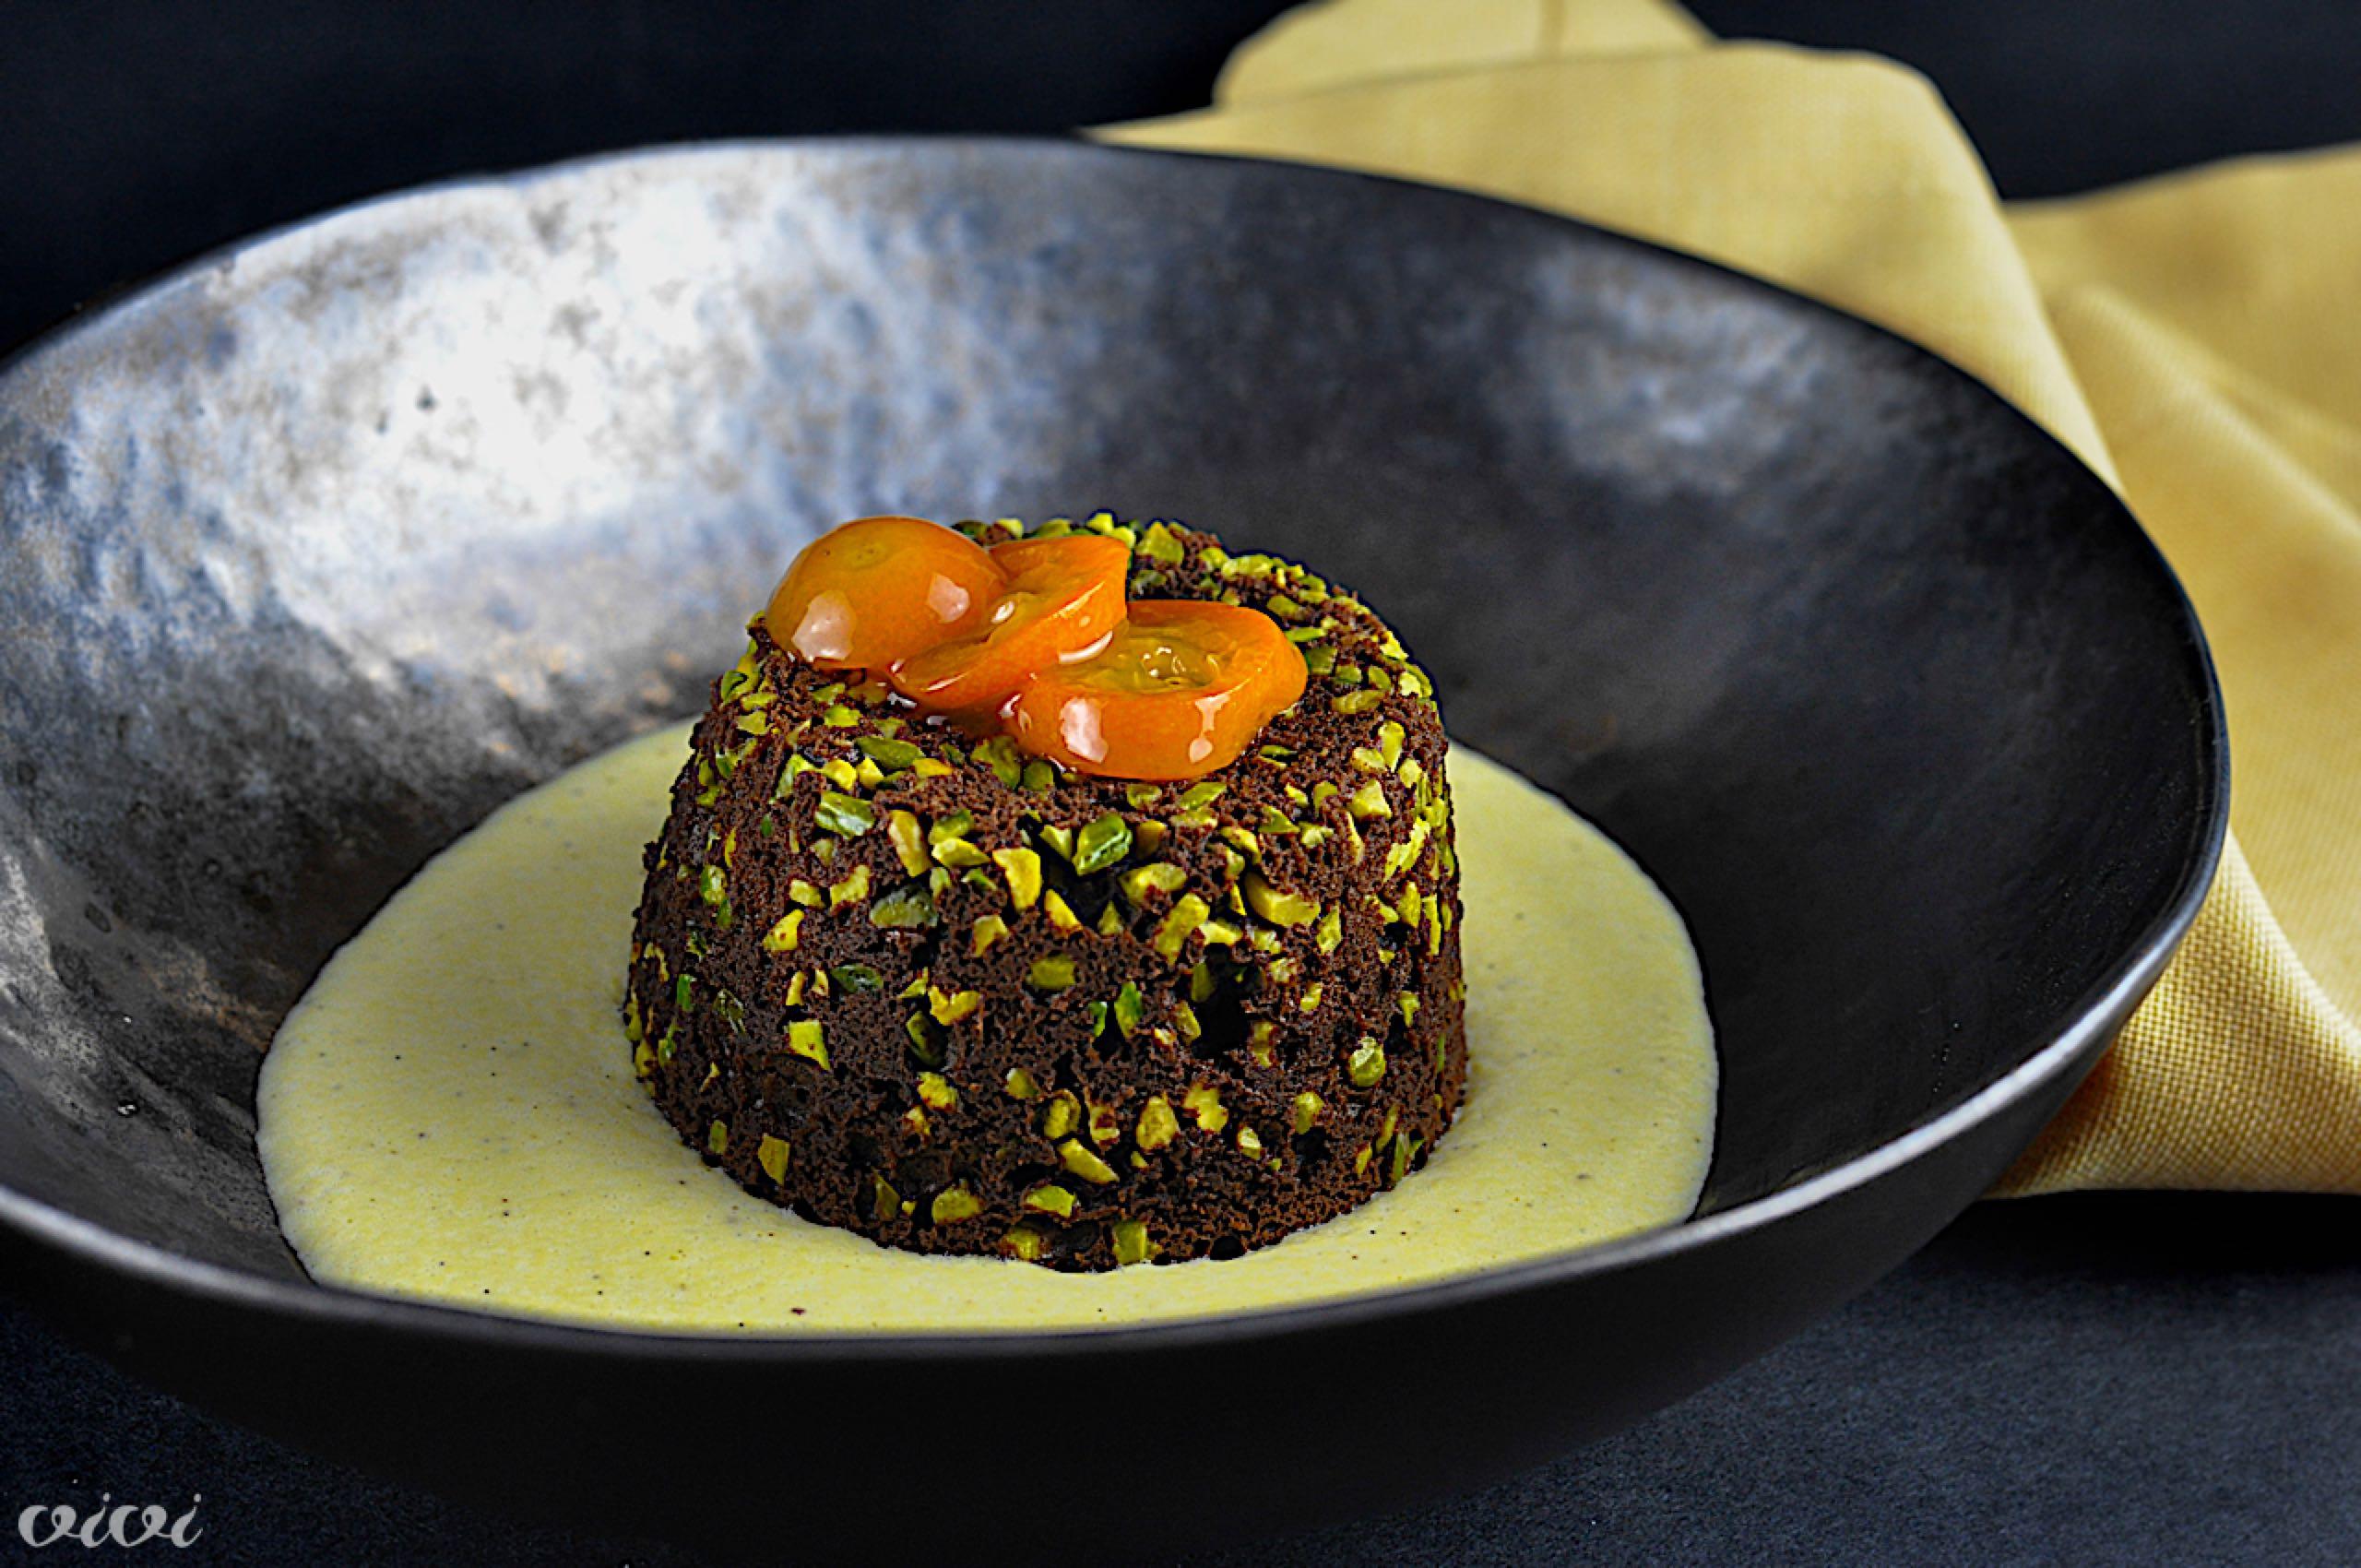 cokoladni puding s pistacijami